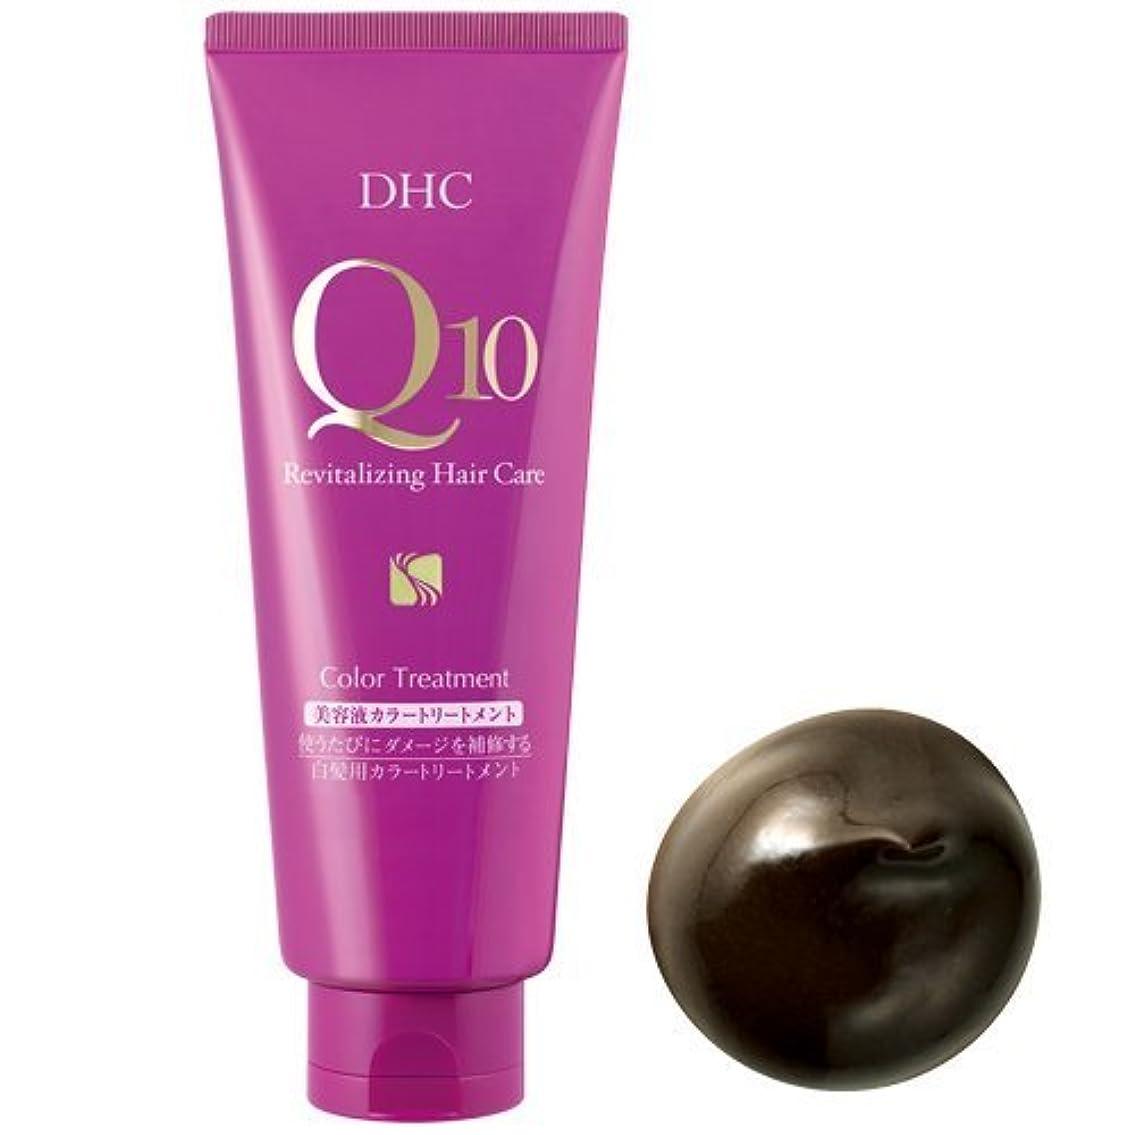 DHC Q10美容液 カラートリートメント ダークブラウン 235g